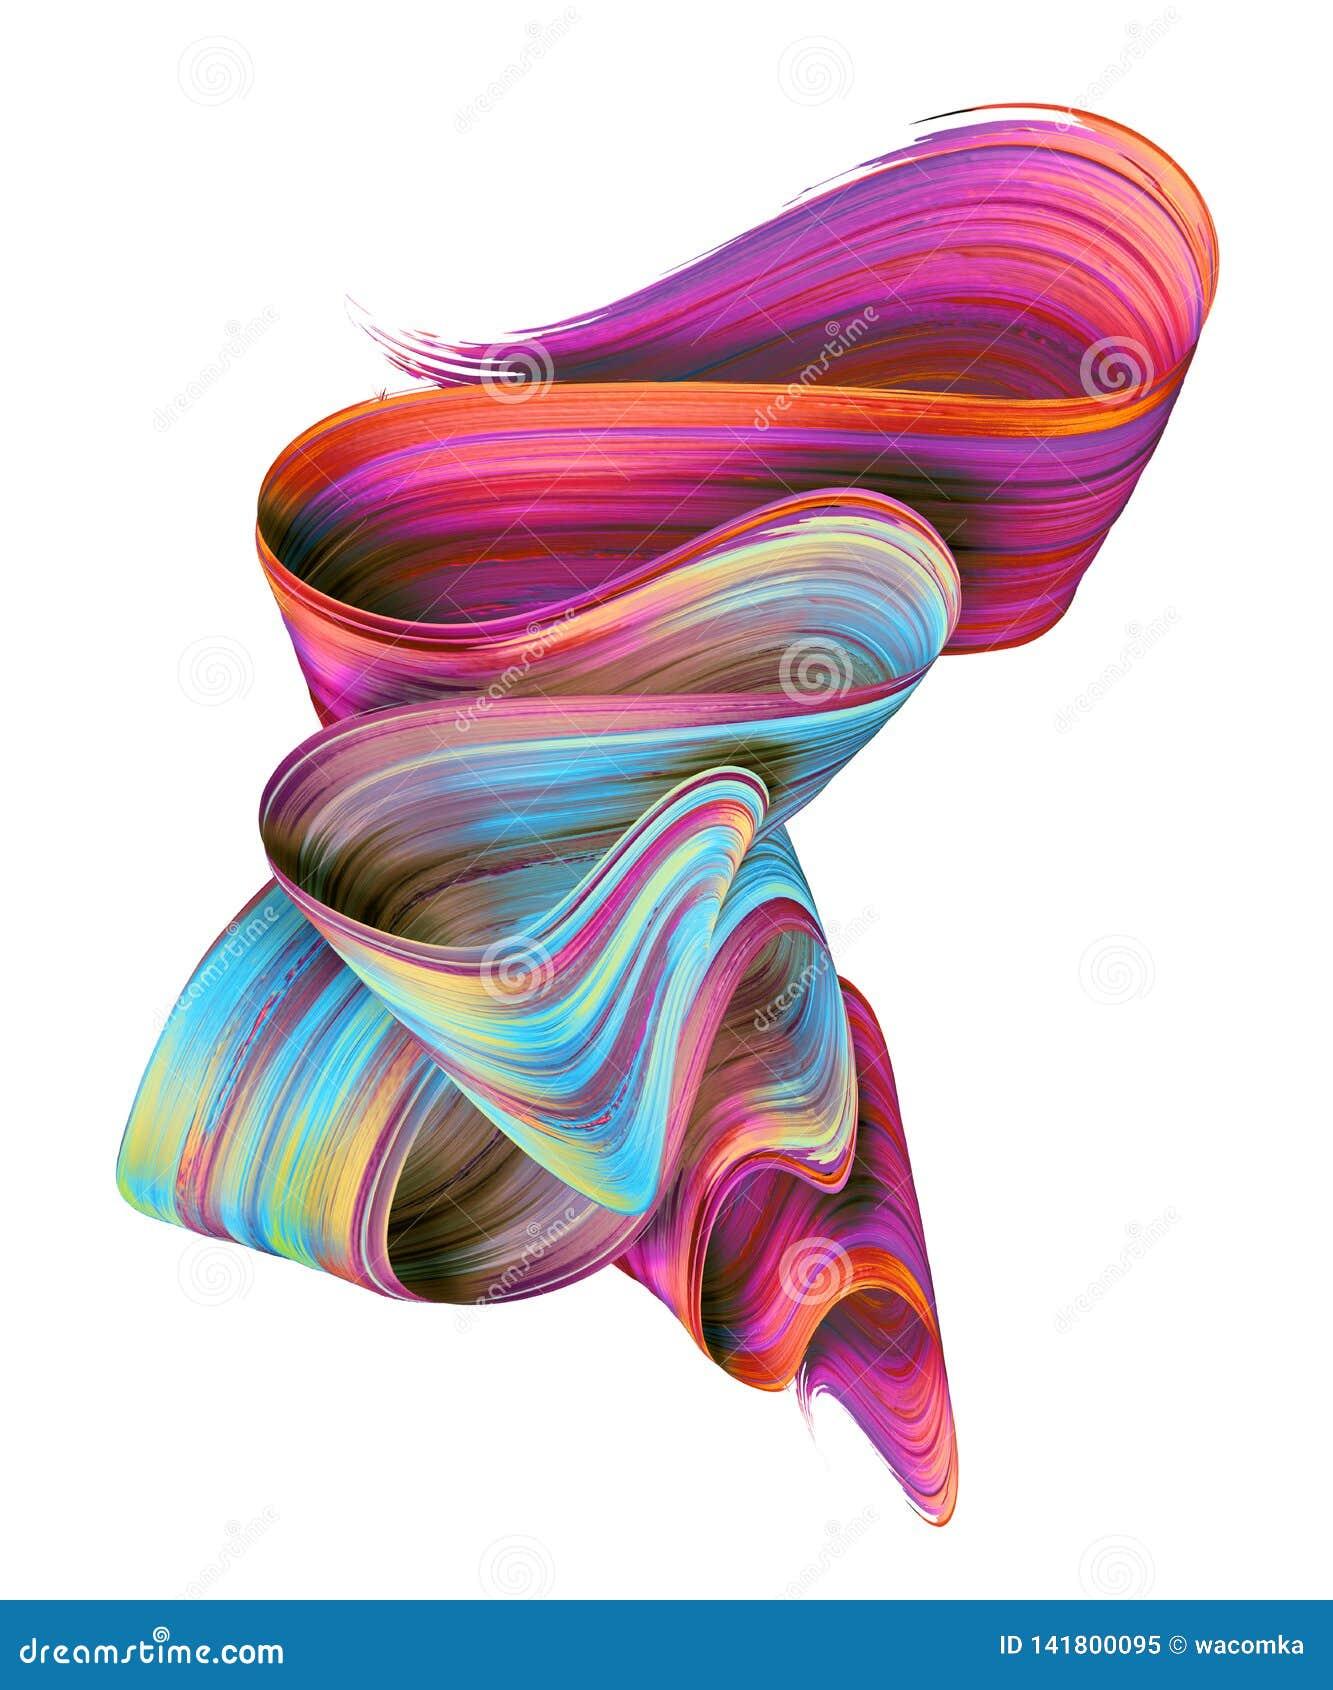 3d rinden, movimiento abstracto del cepillo, mancha de neón, cinta doblada colorida, textura de la pintura, clip art artístico, a